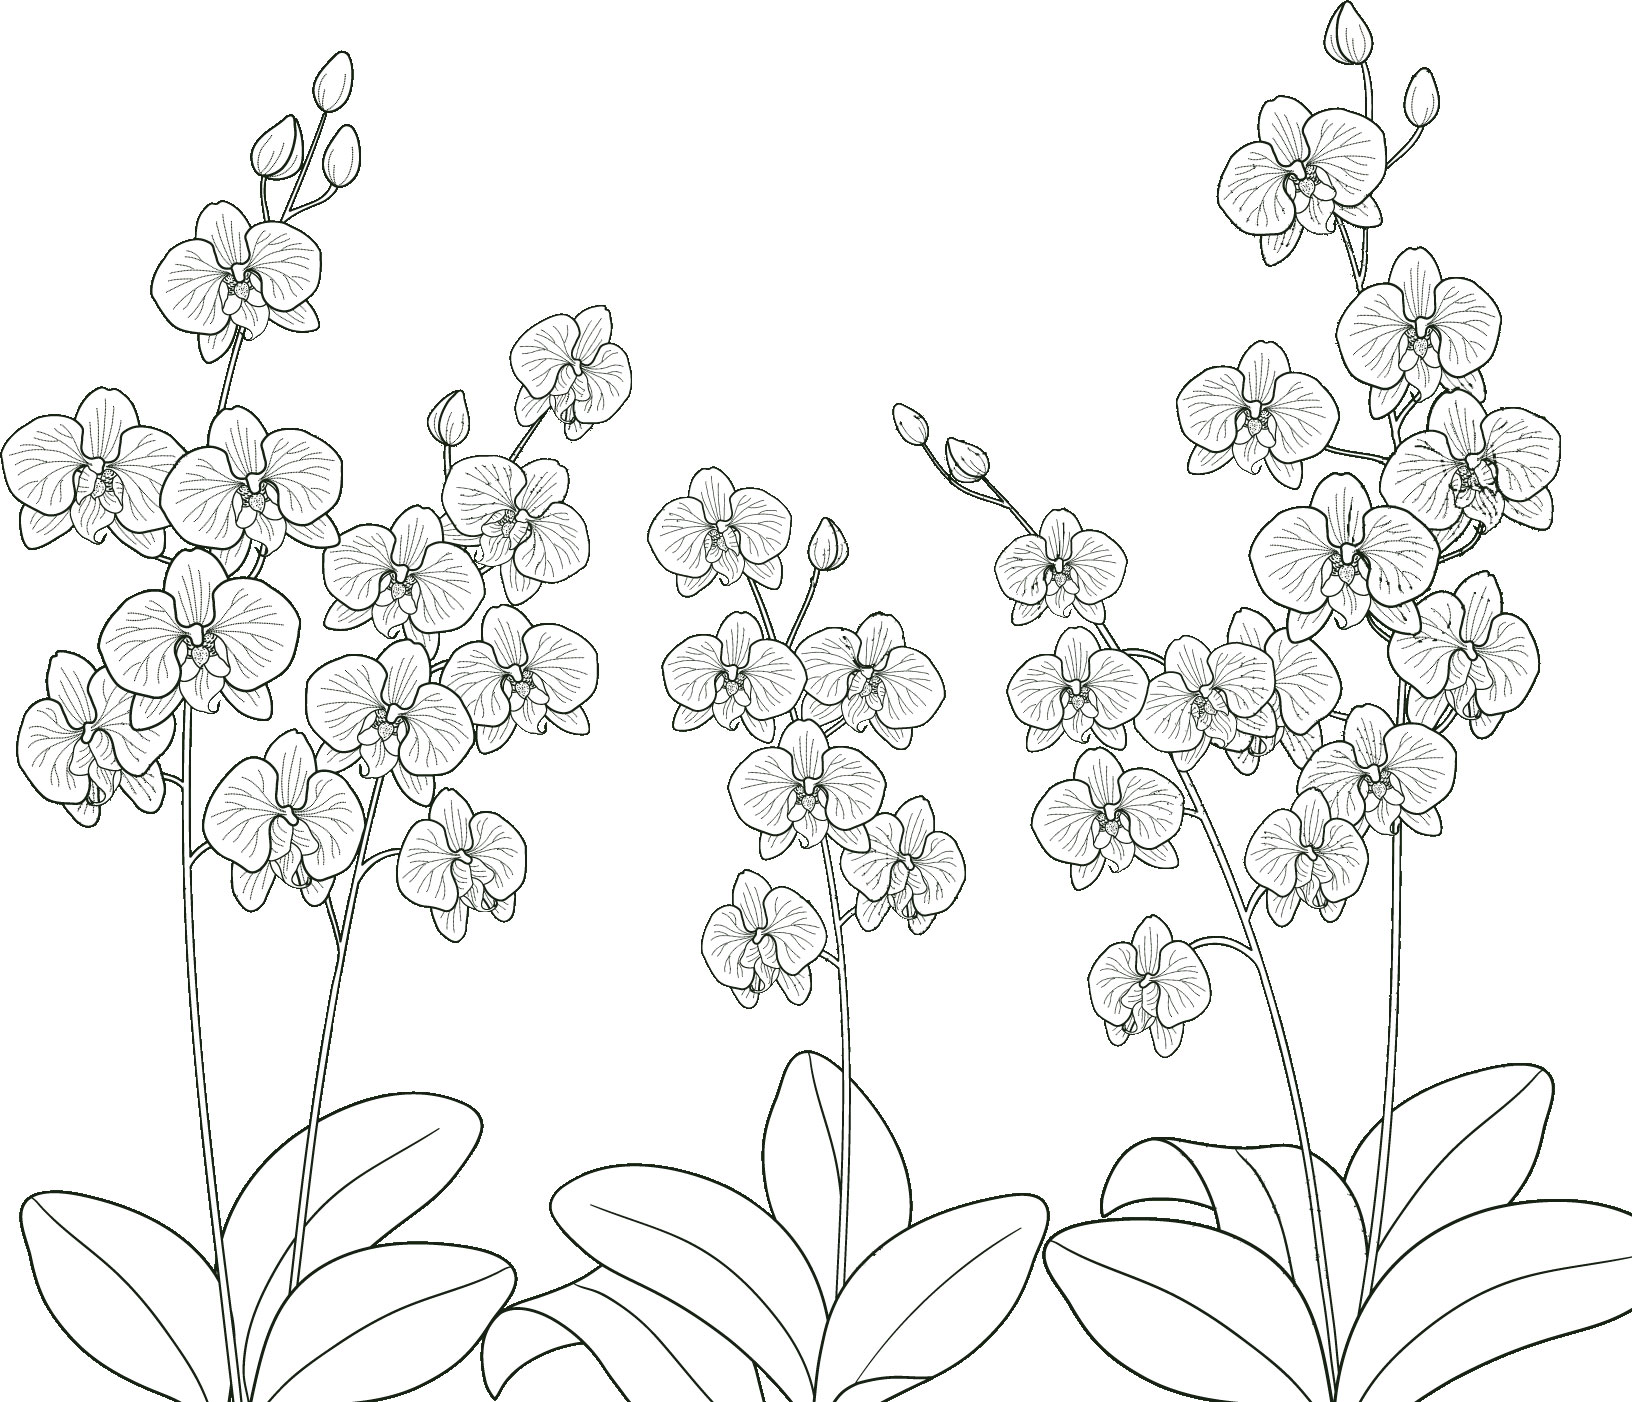 花のイラストフリー素材白黒モノクロno032胡蝶蘭白